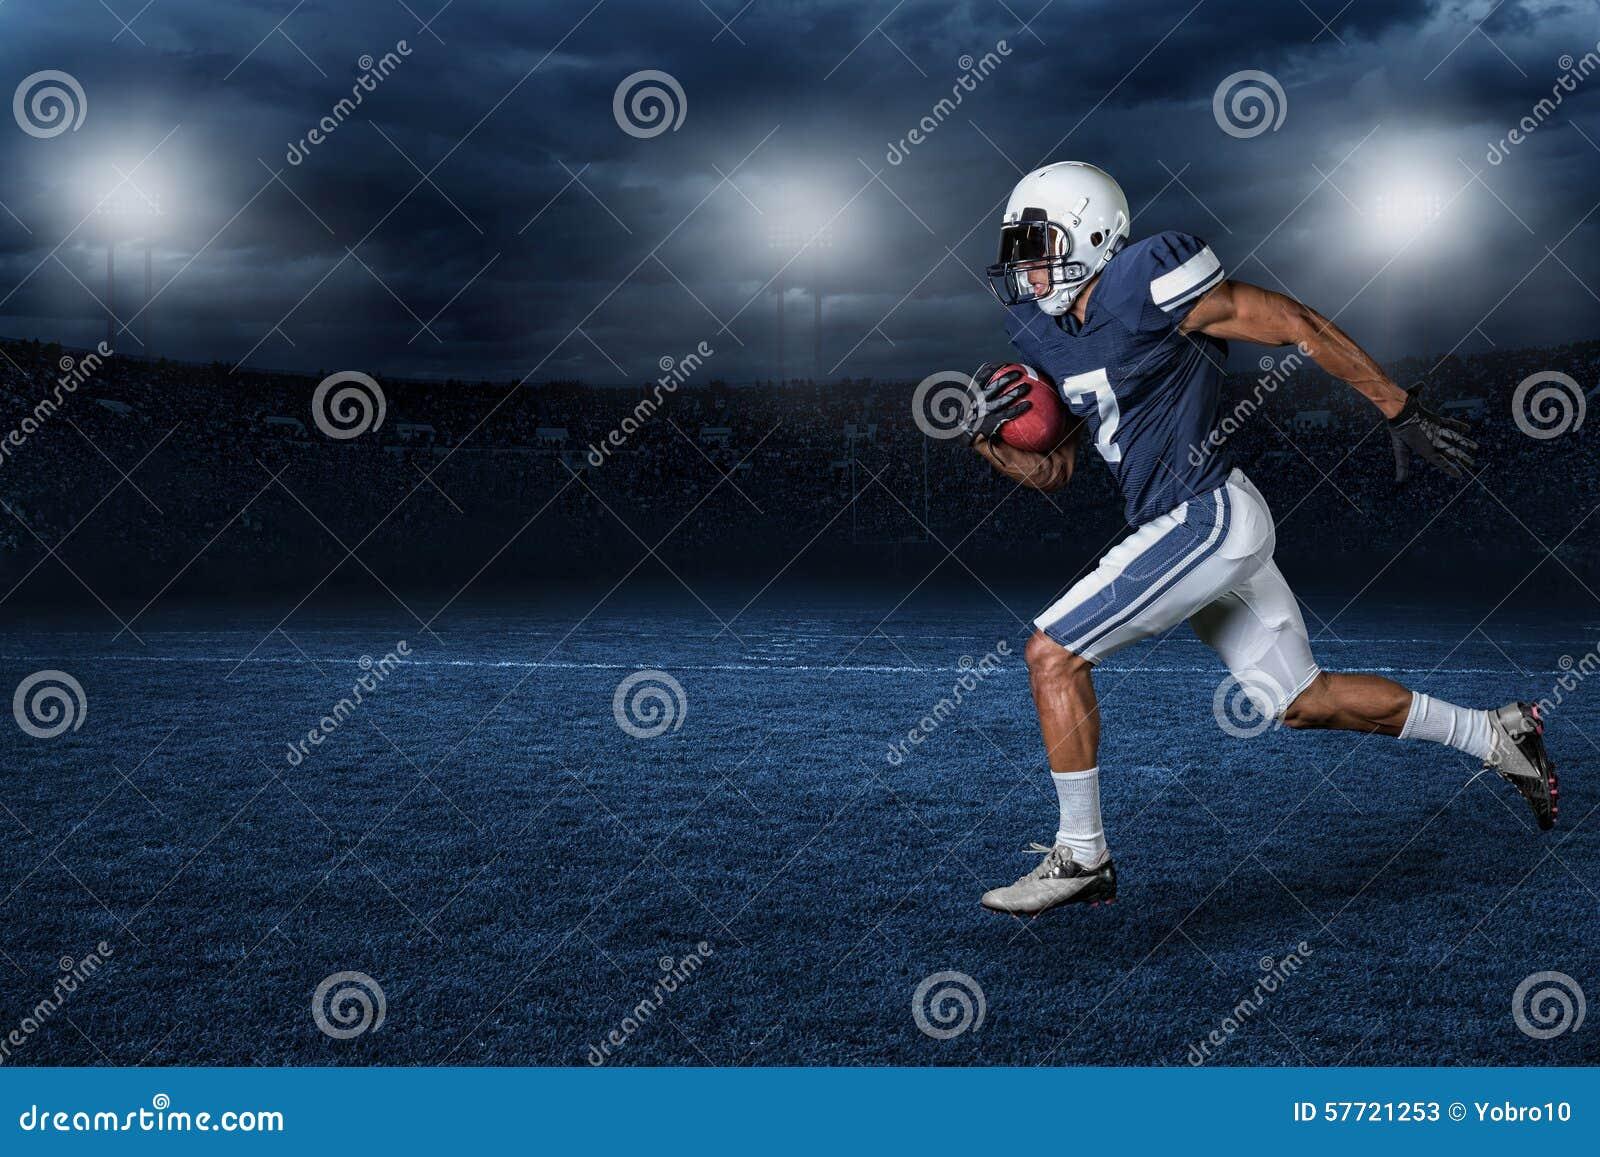 橄榄球比赛行动照片